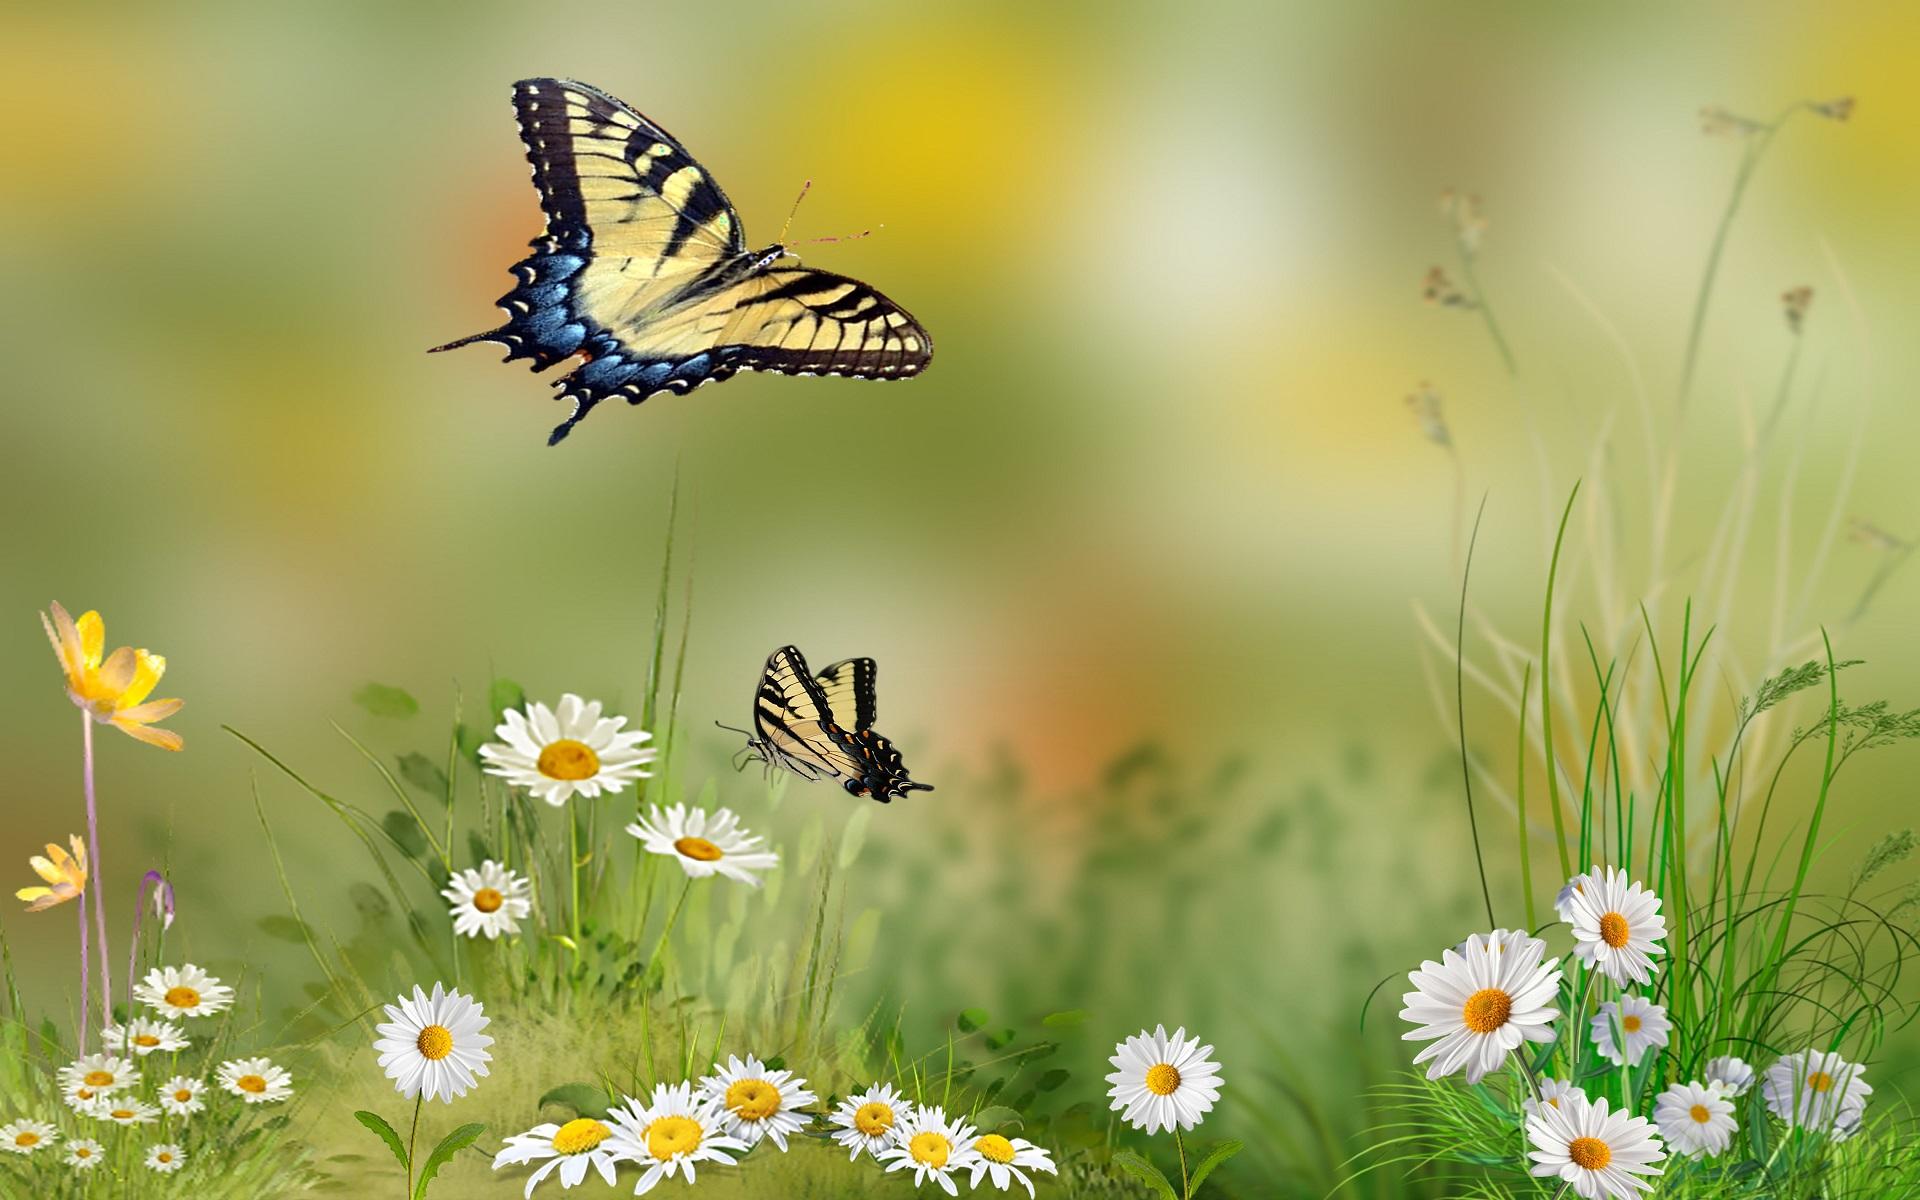 Summer Wallpaper Iphone 6 Flower Butterfly Wallpaper Pixelstalk Net